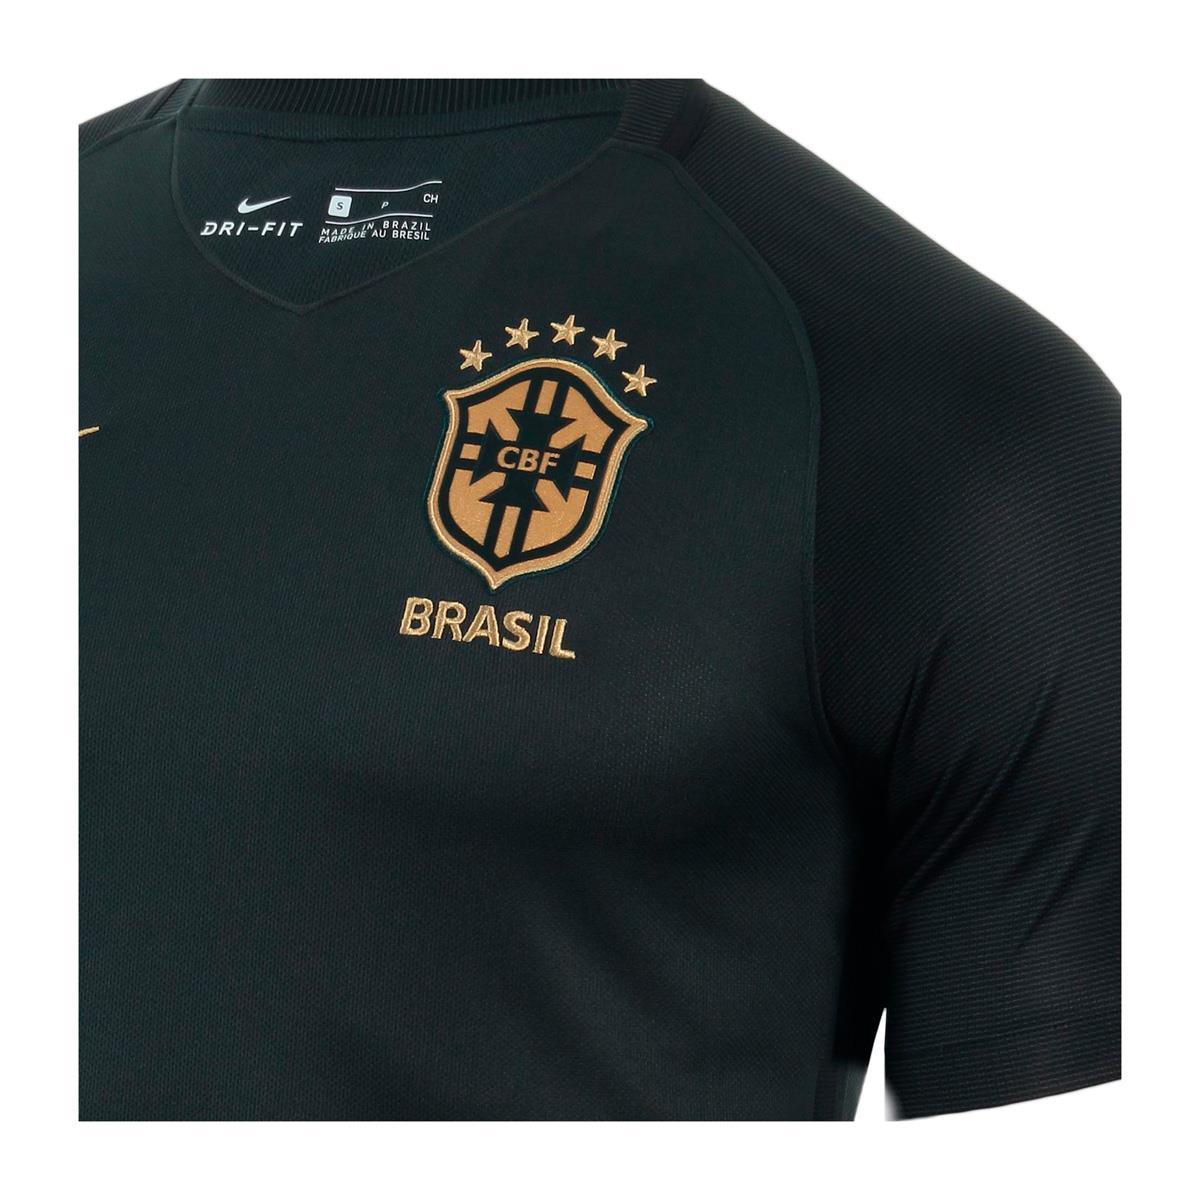 Camisa Nike CBF III 2017 Torcedor 4eb16441ea073